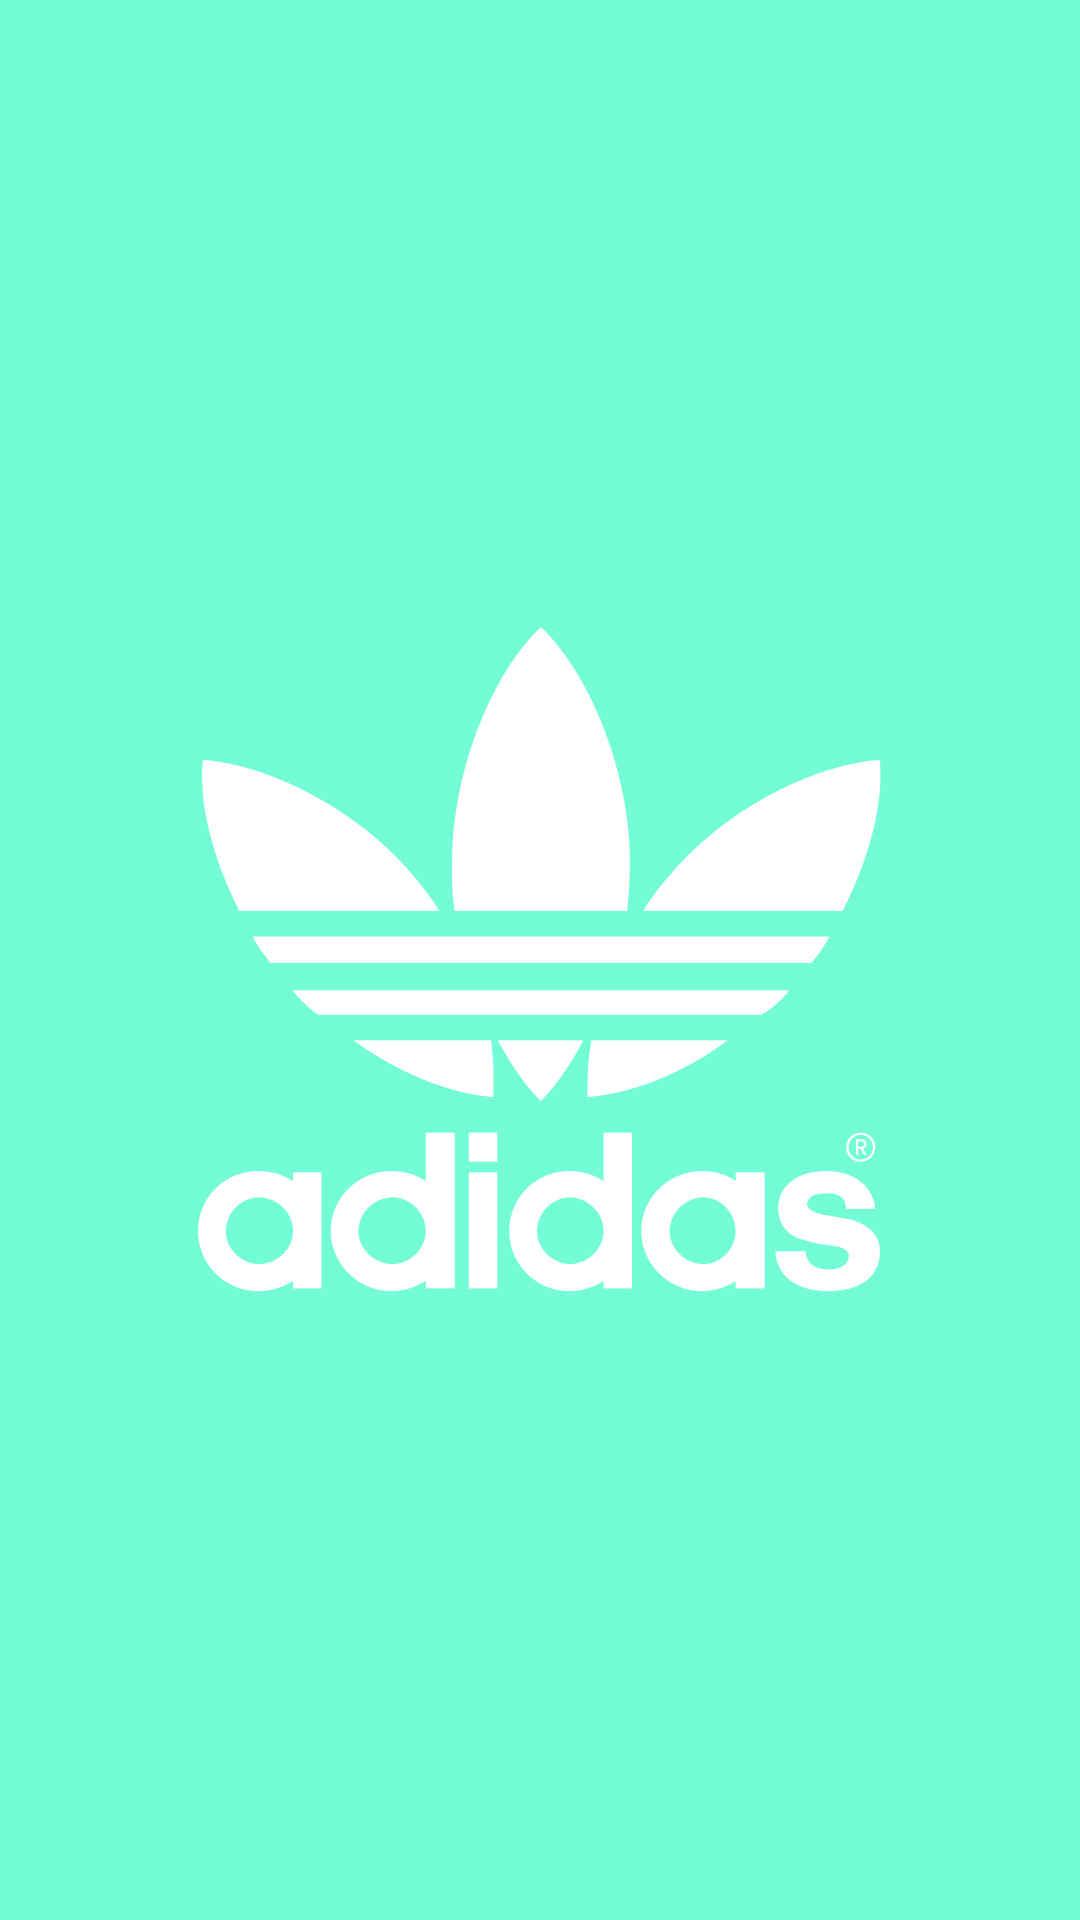 アディダスロゴ/adidas Logo13